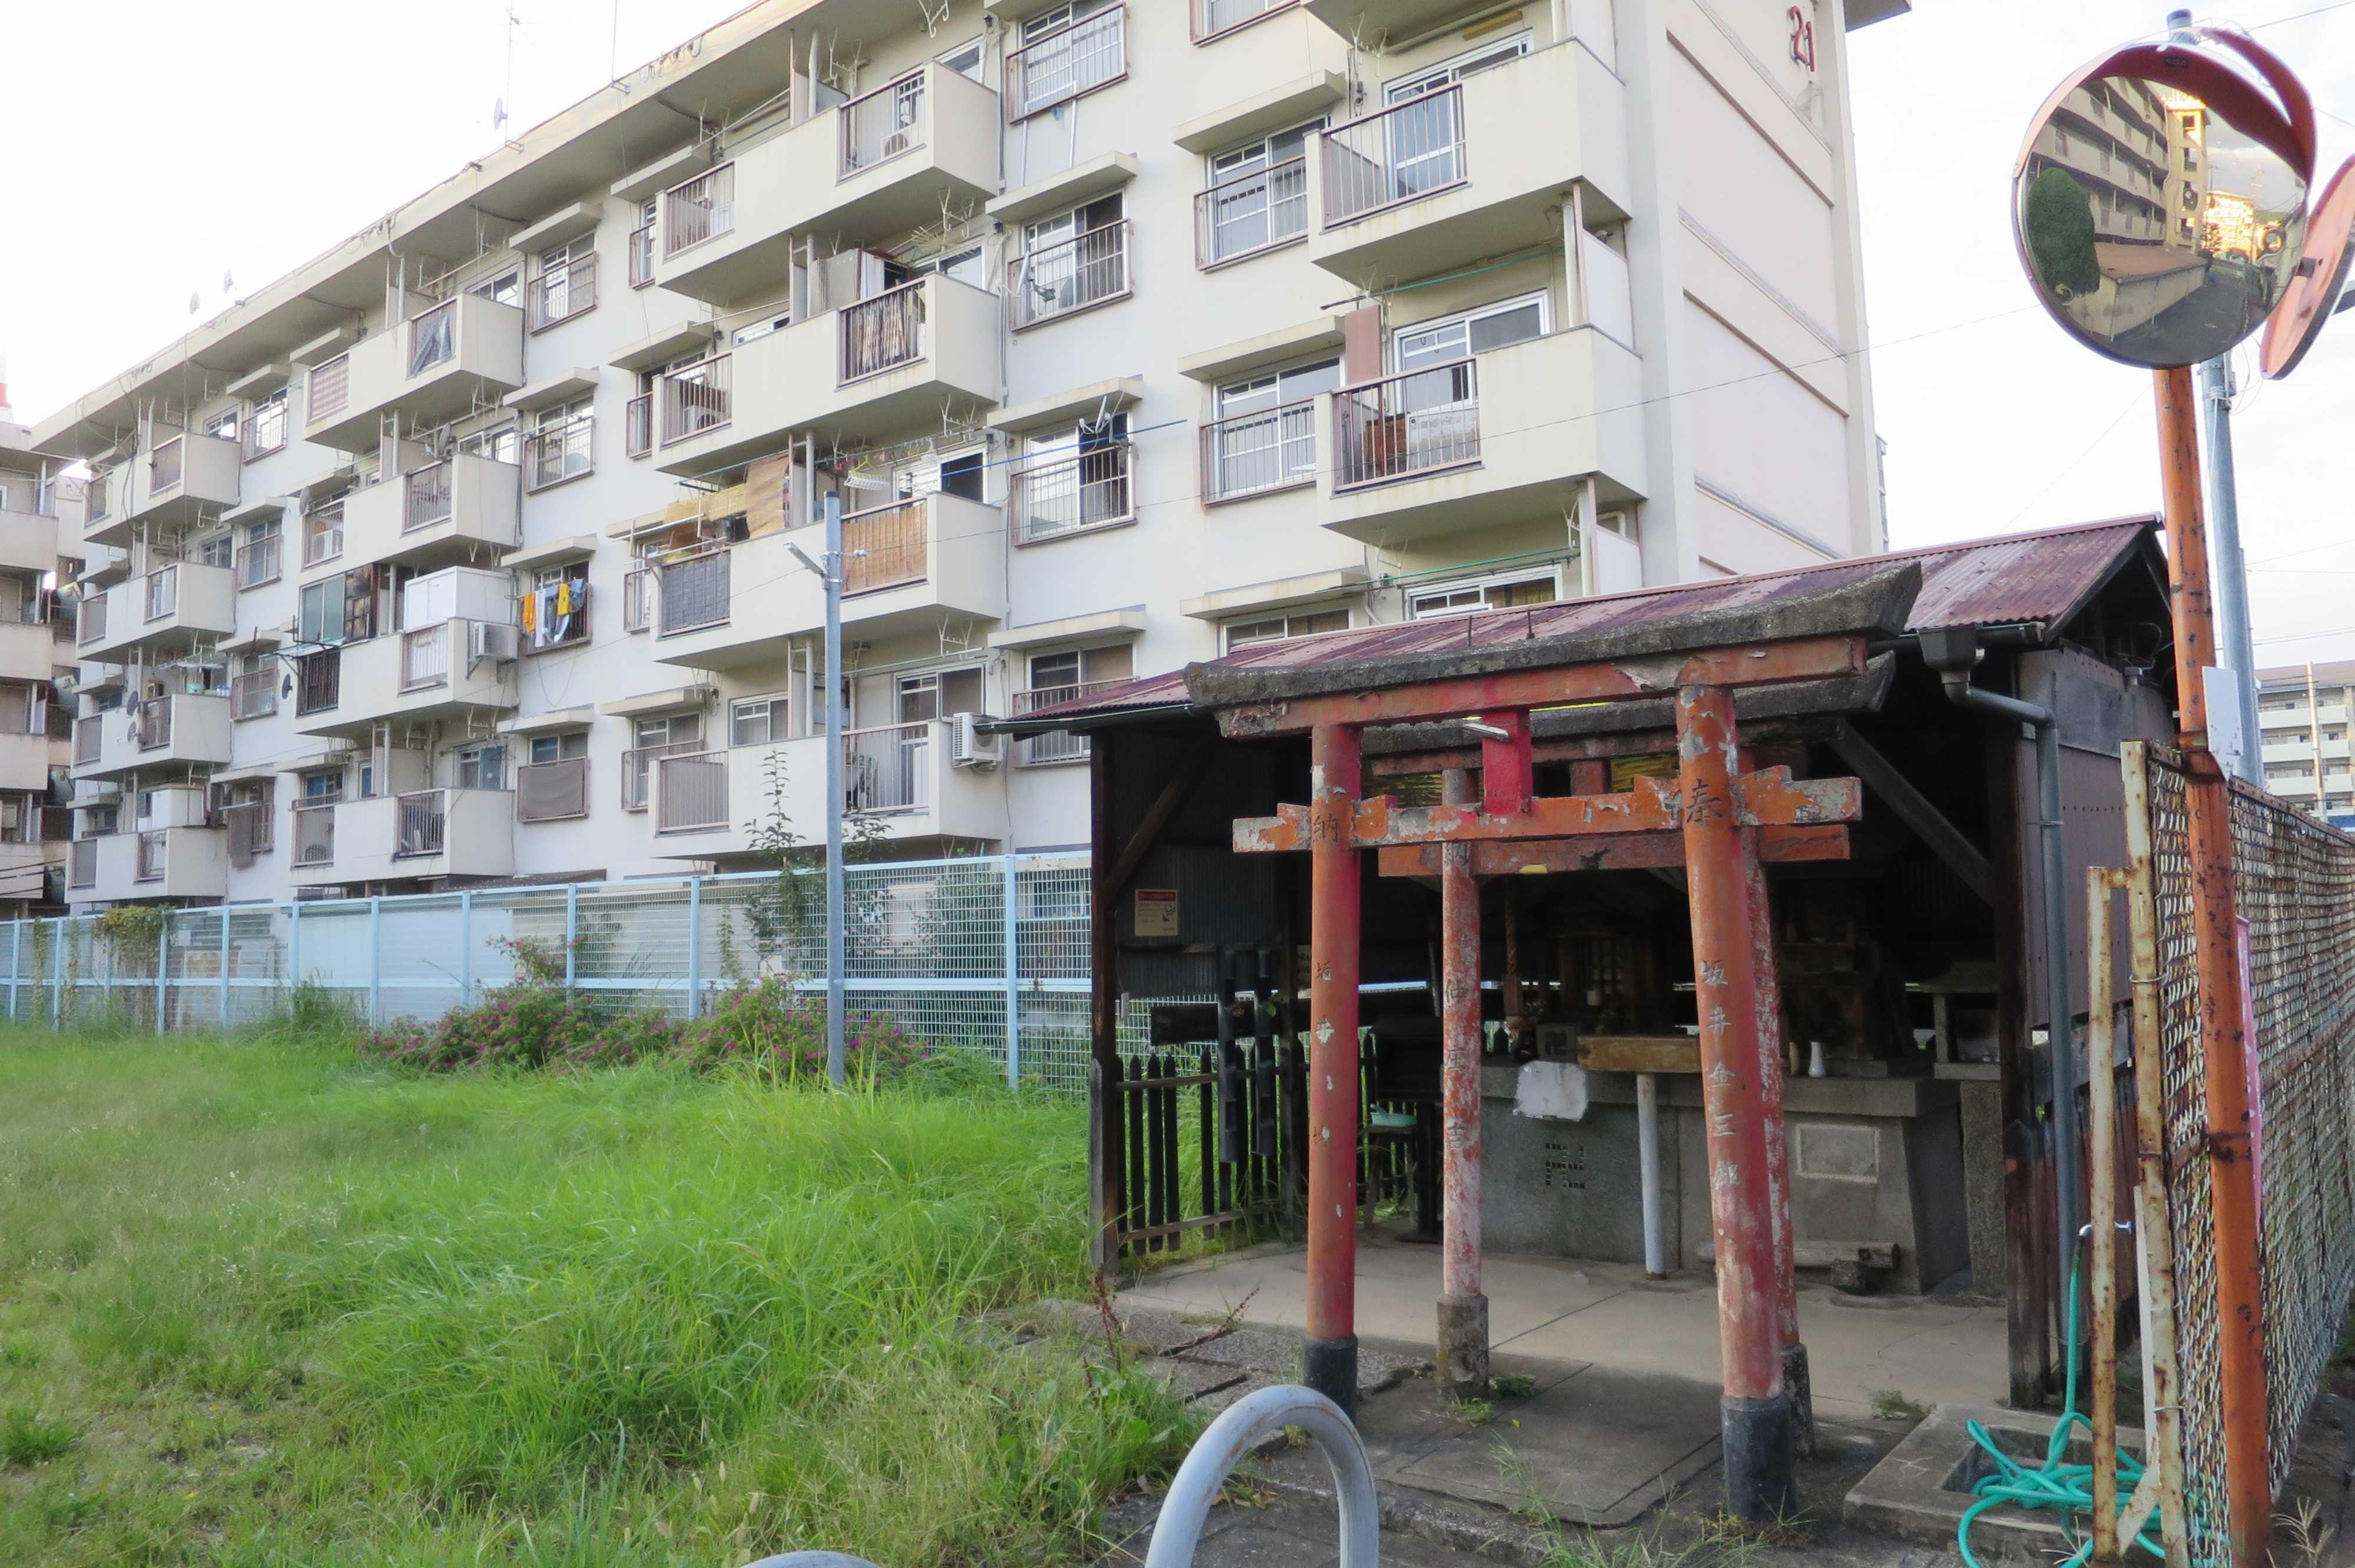 京都・崇仁地区 - 崇仁市営住宅に囲まれた公園の片隅にある赤い鳥居